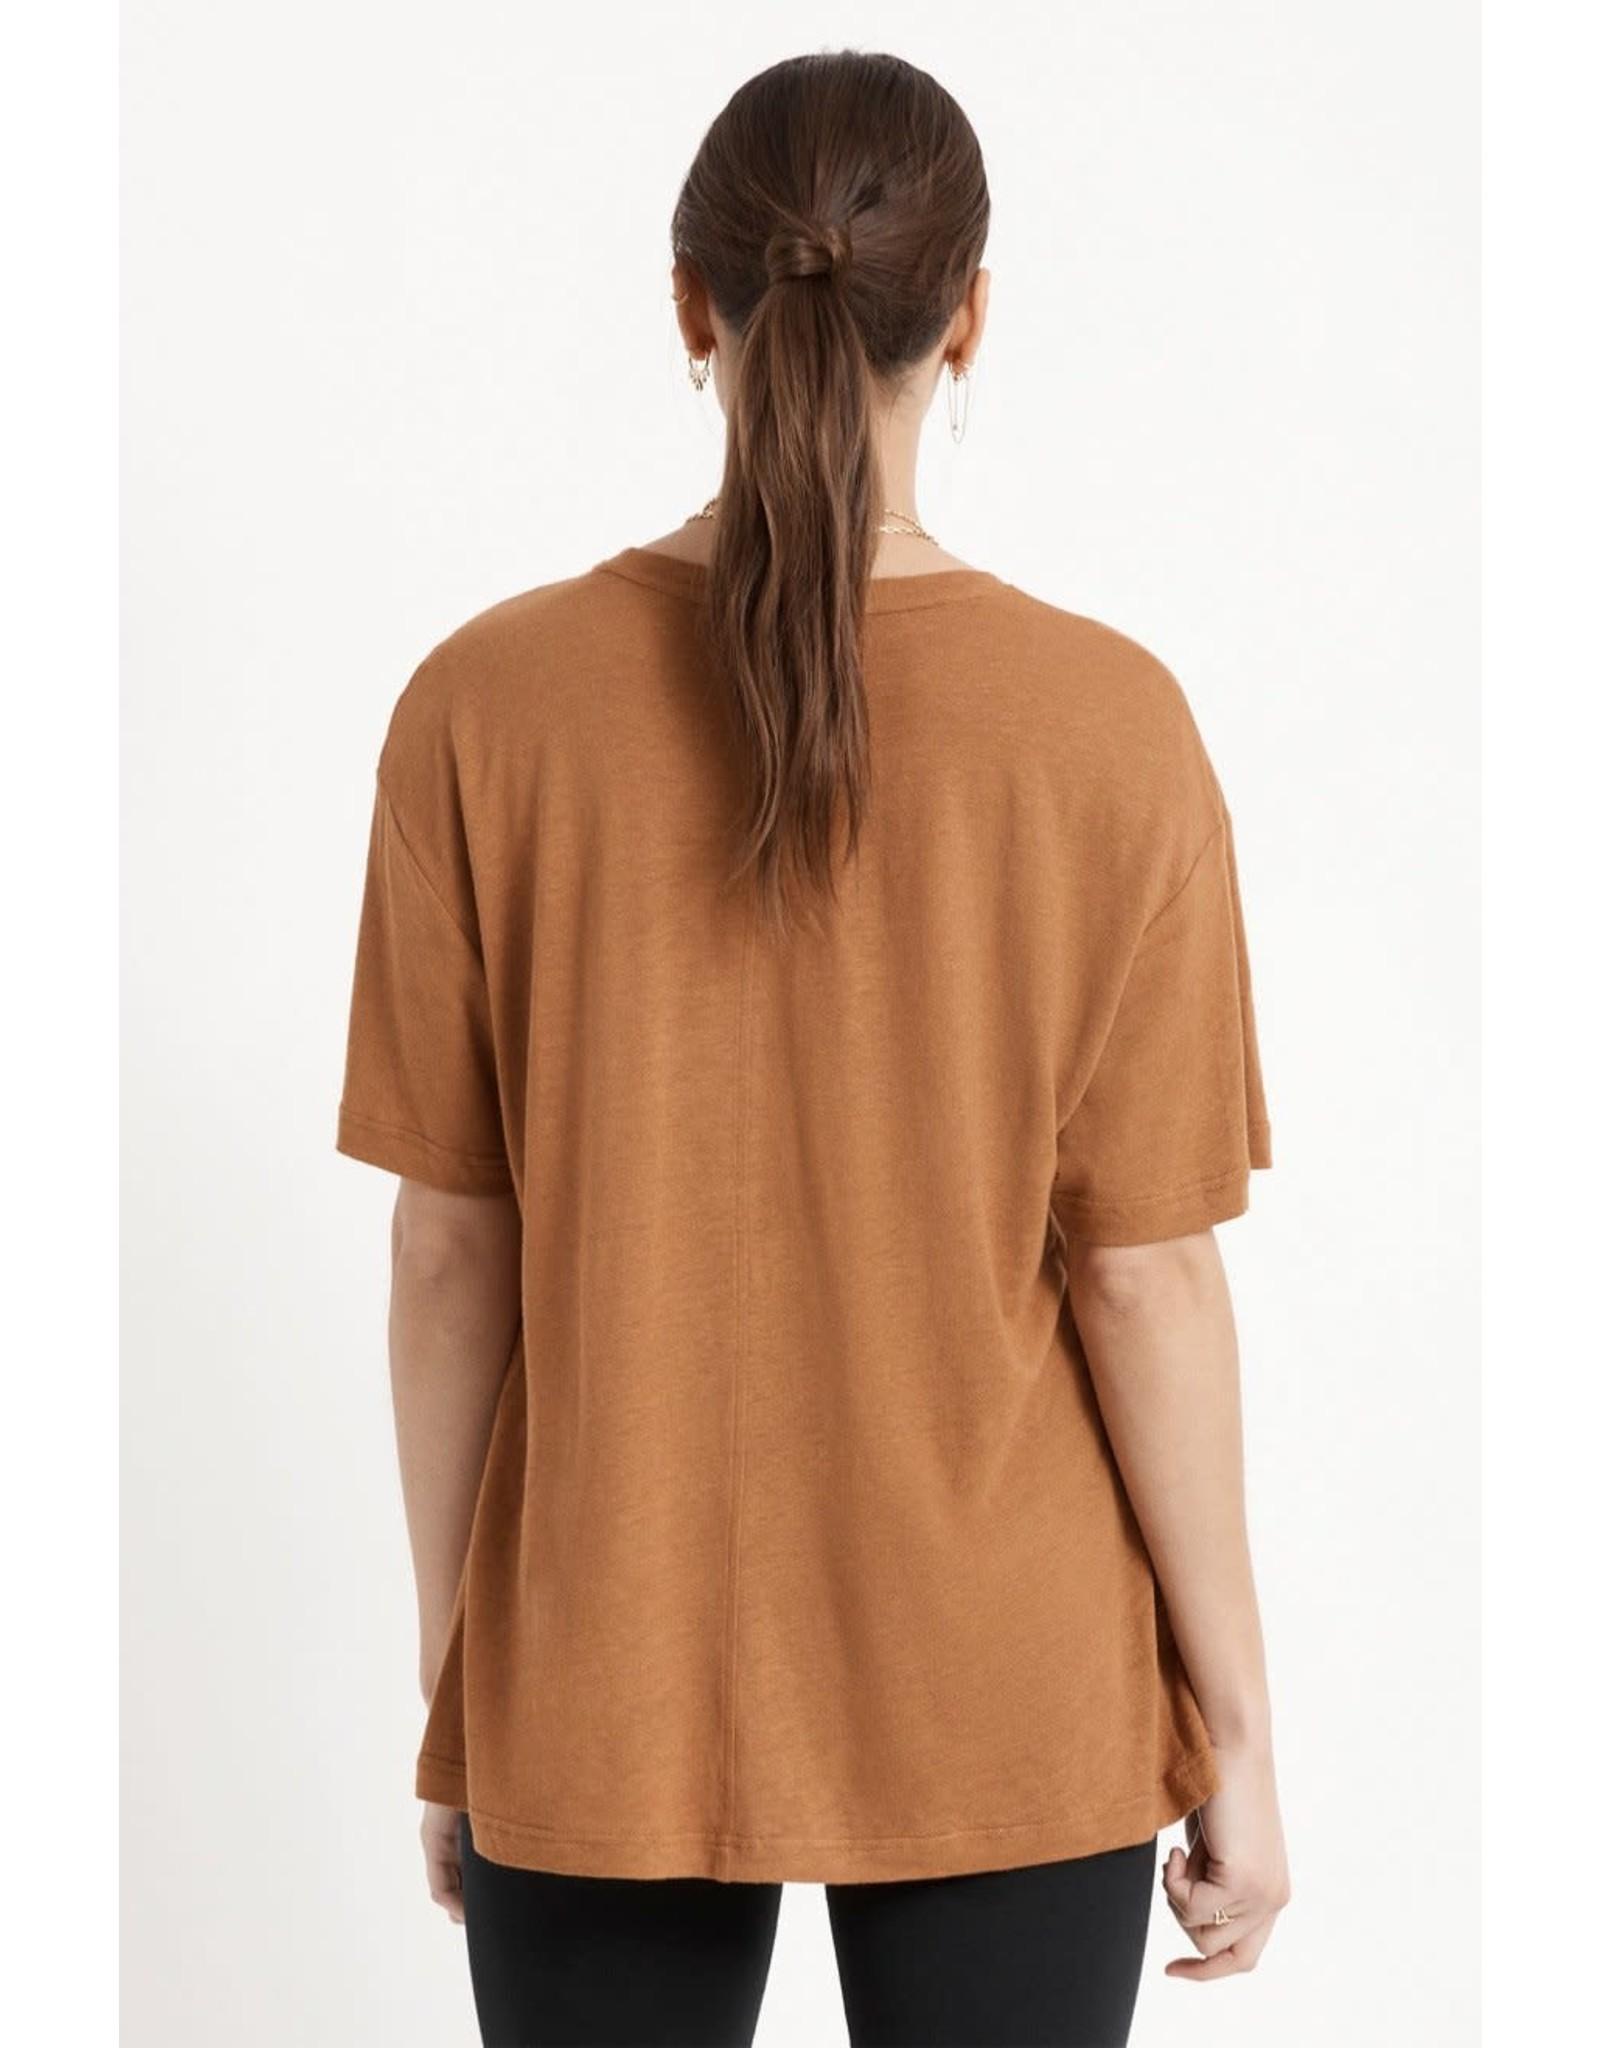 Brixton Brixton - T-shirt femme montauk oversized lion